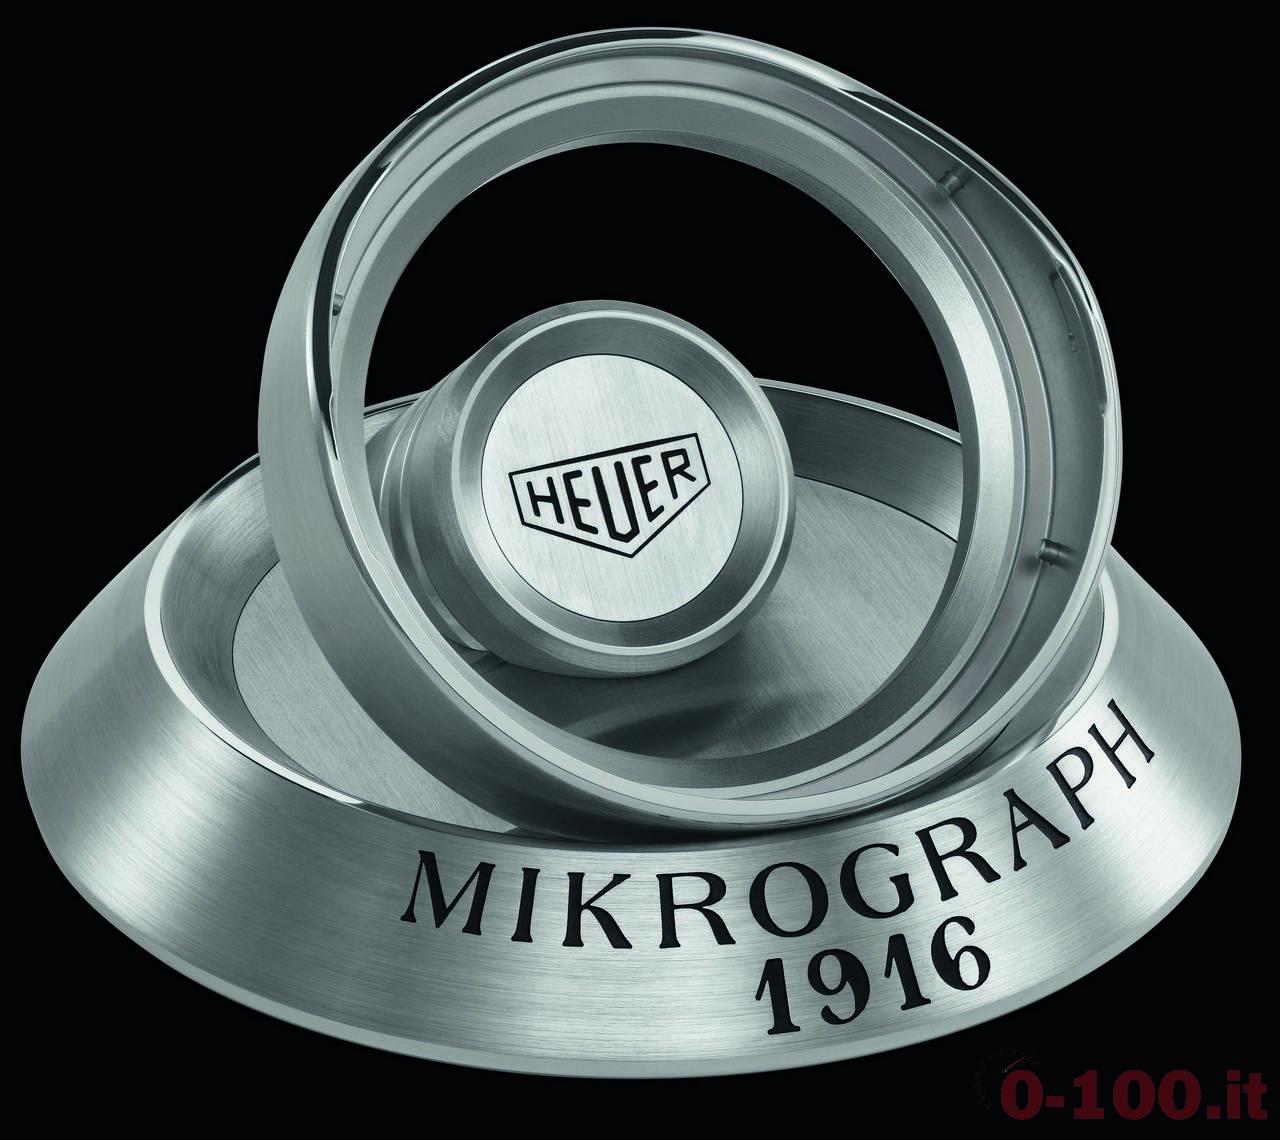 tag-heuer-carrera-mikrograph-edizione-anniversario-1916-2016-limited-edition-prezzo-price_0-1009